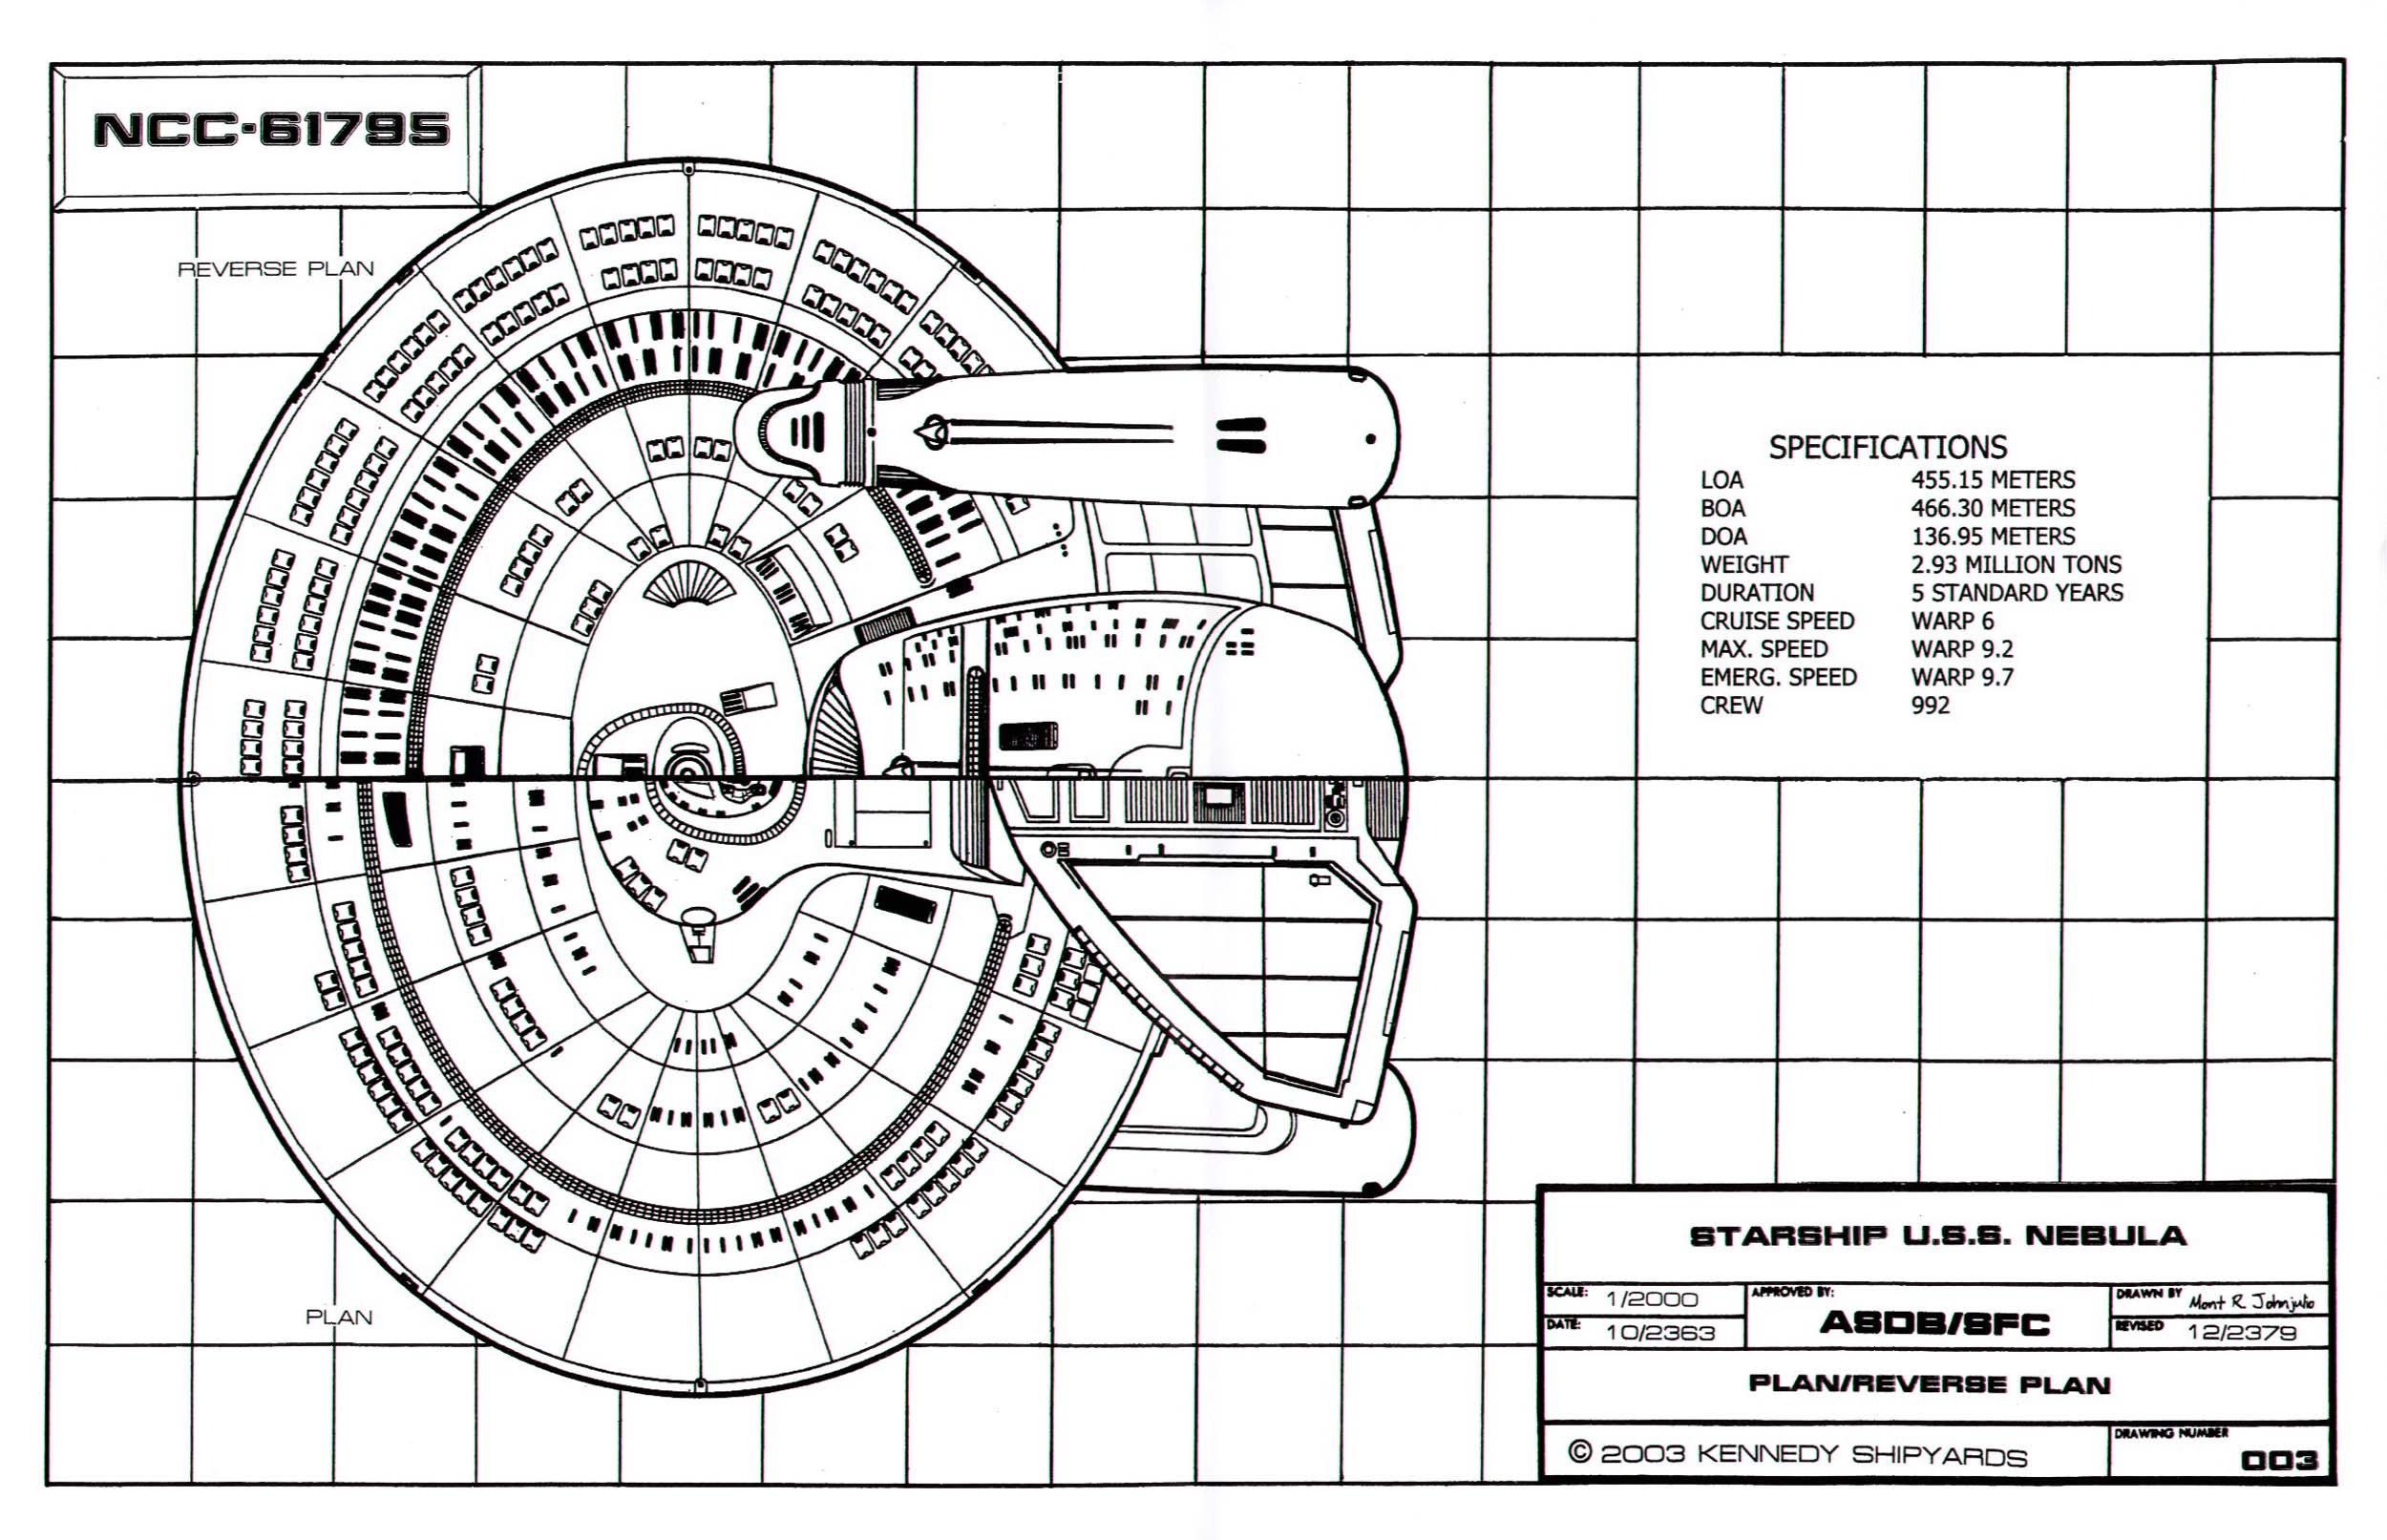 rheem furnace wiring diagram badlands 3500 winch rgpj heat pump